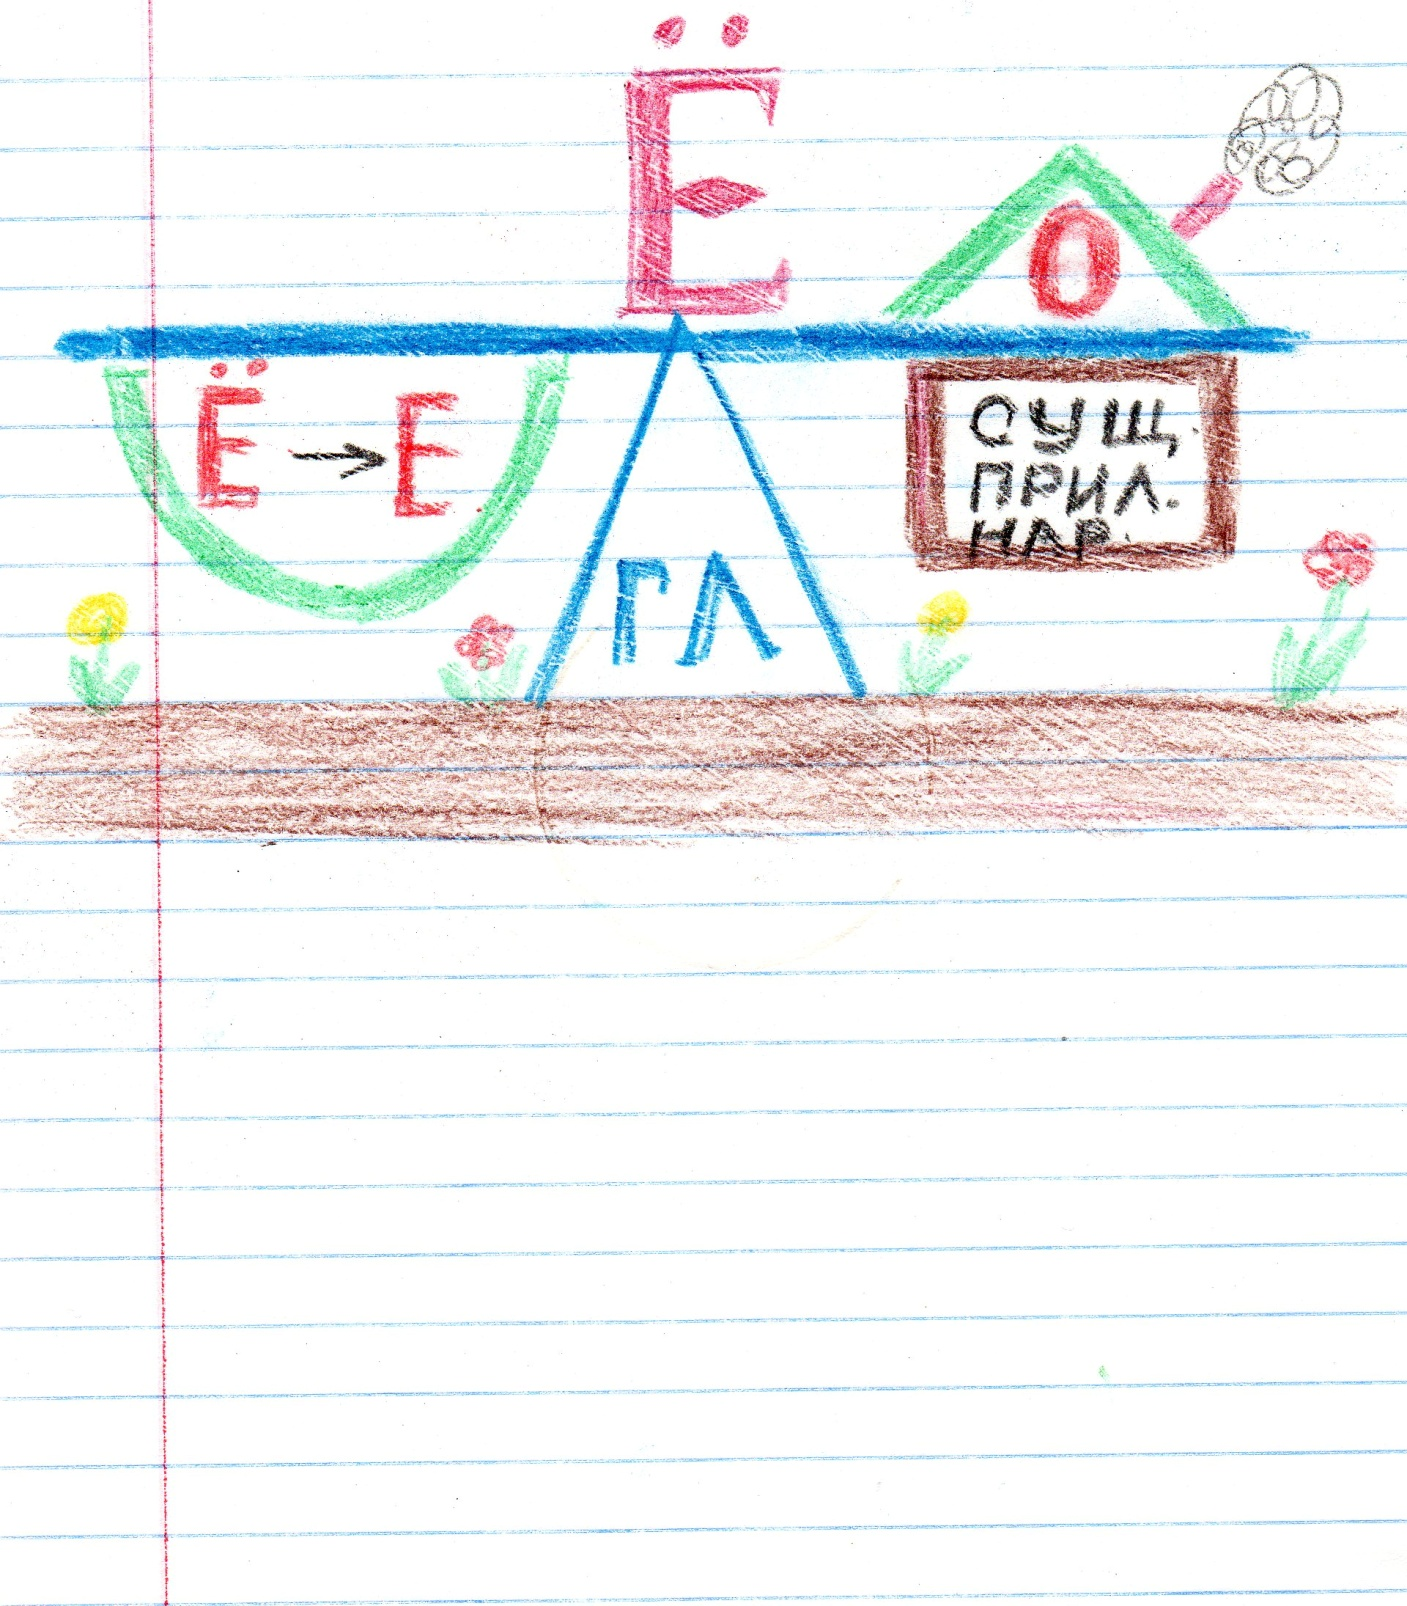 C:\Documents and Settings\Admin\Мои документы\Мои рисунки\img004.jpg